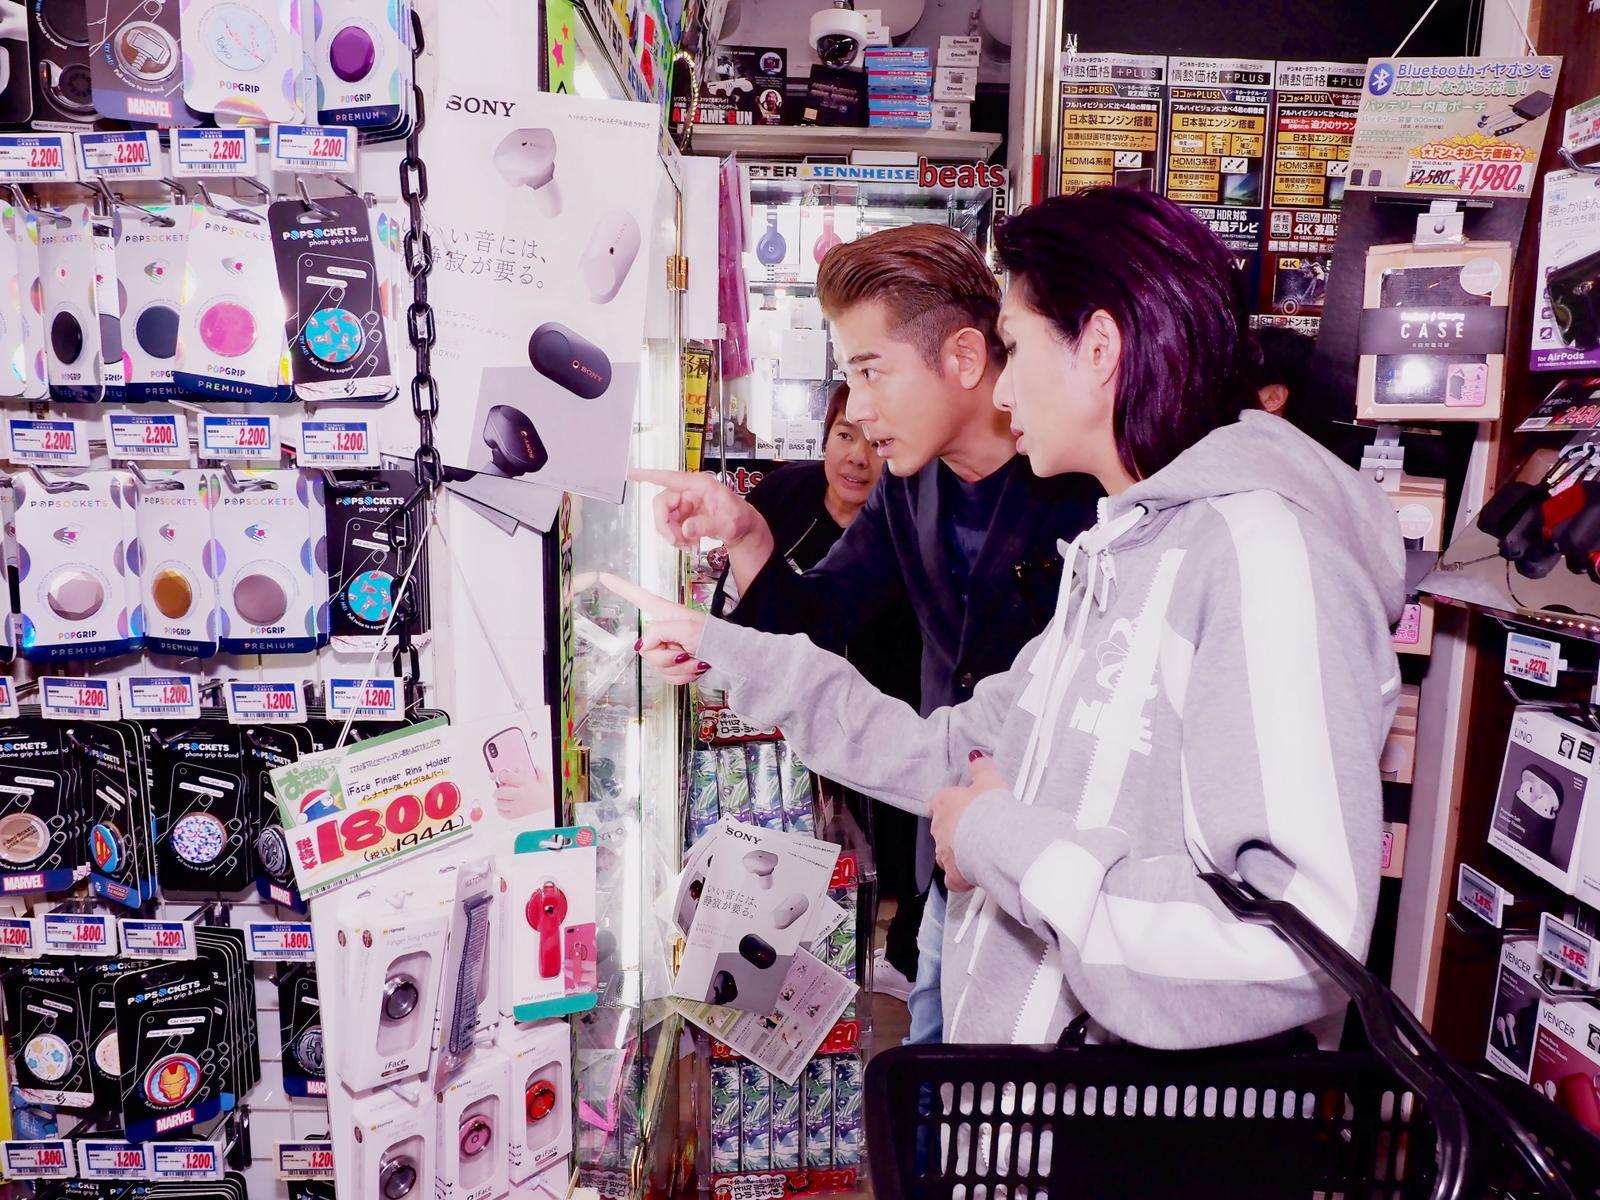 城城同千嬅做完嘢,急不及待夜遊東京激安店呢。